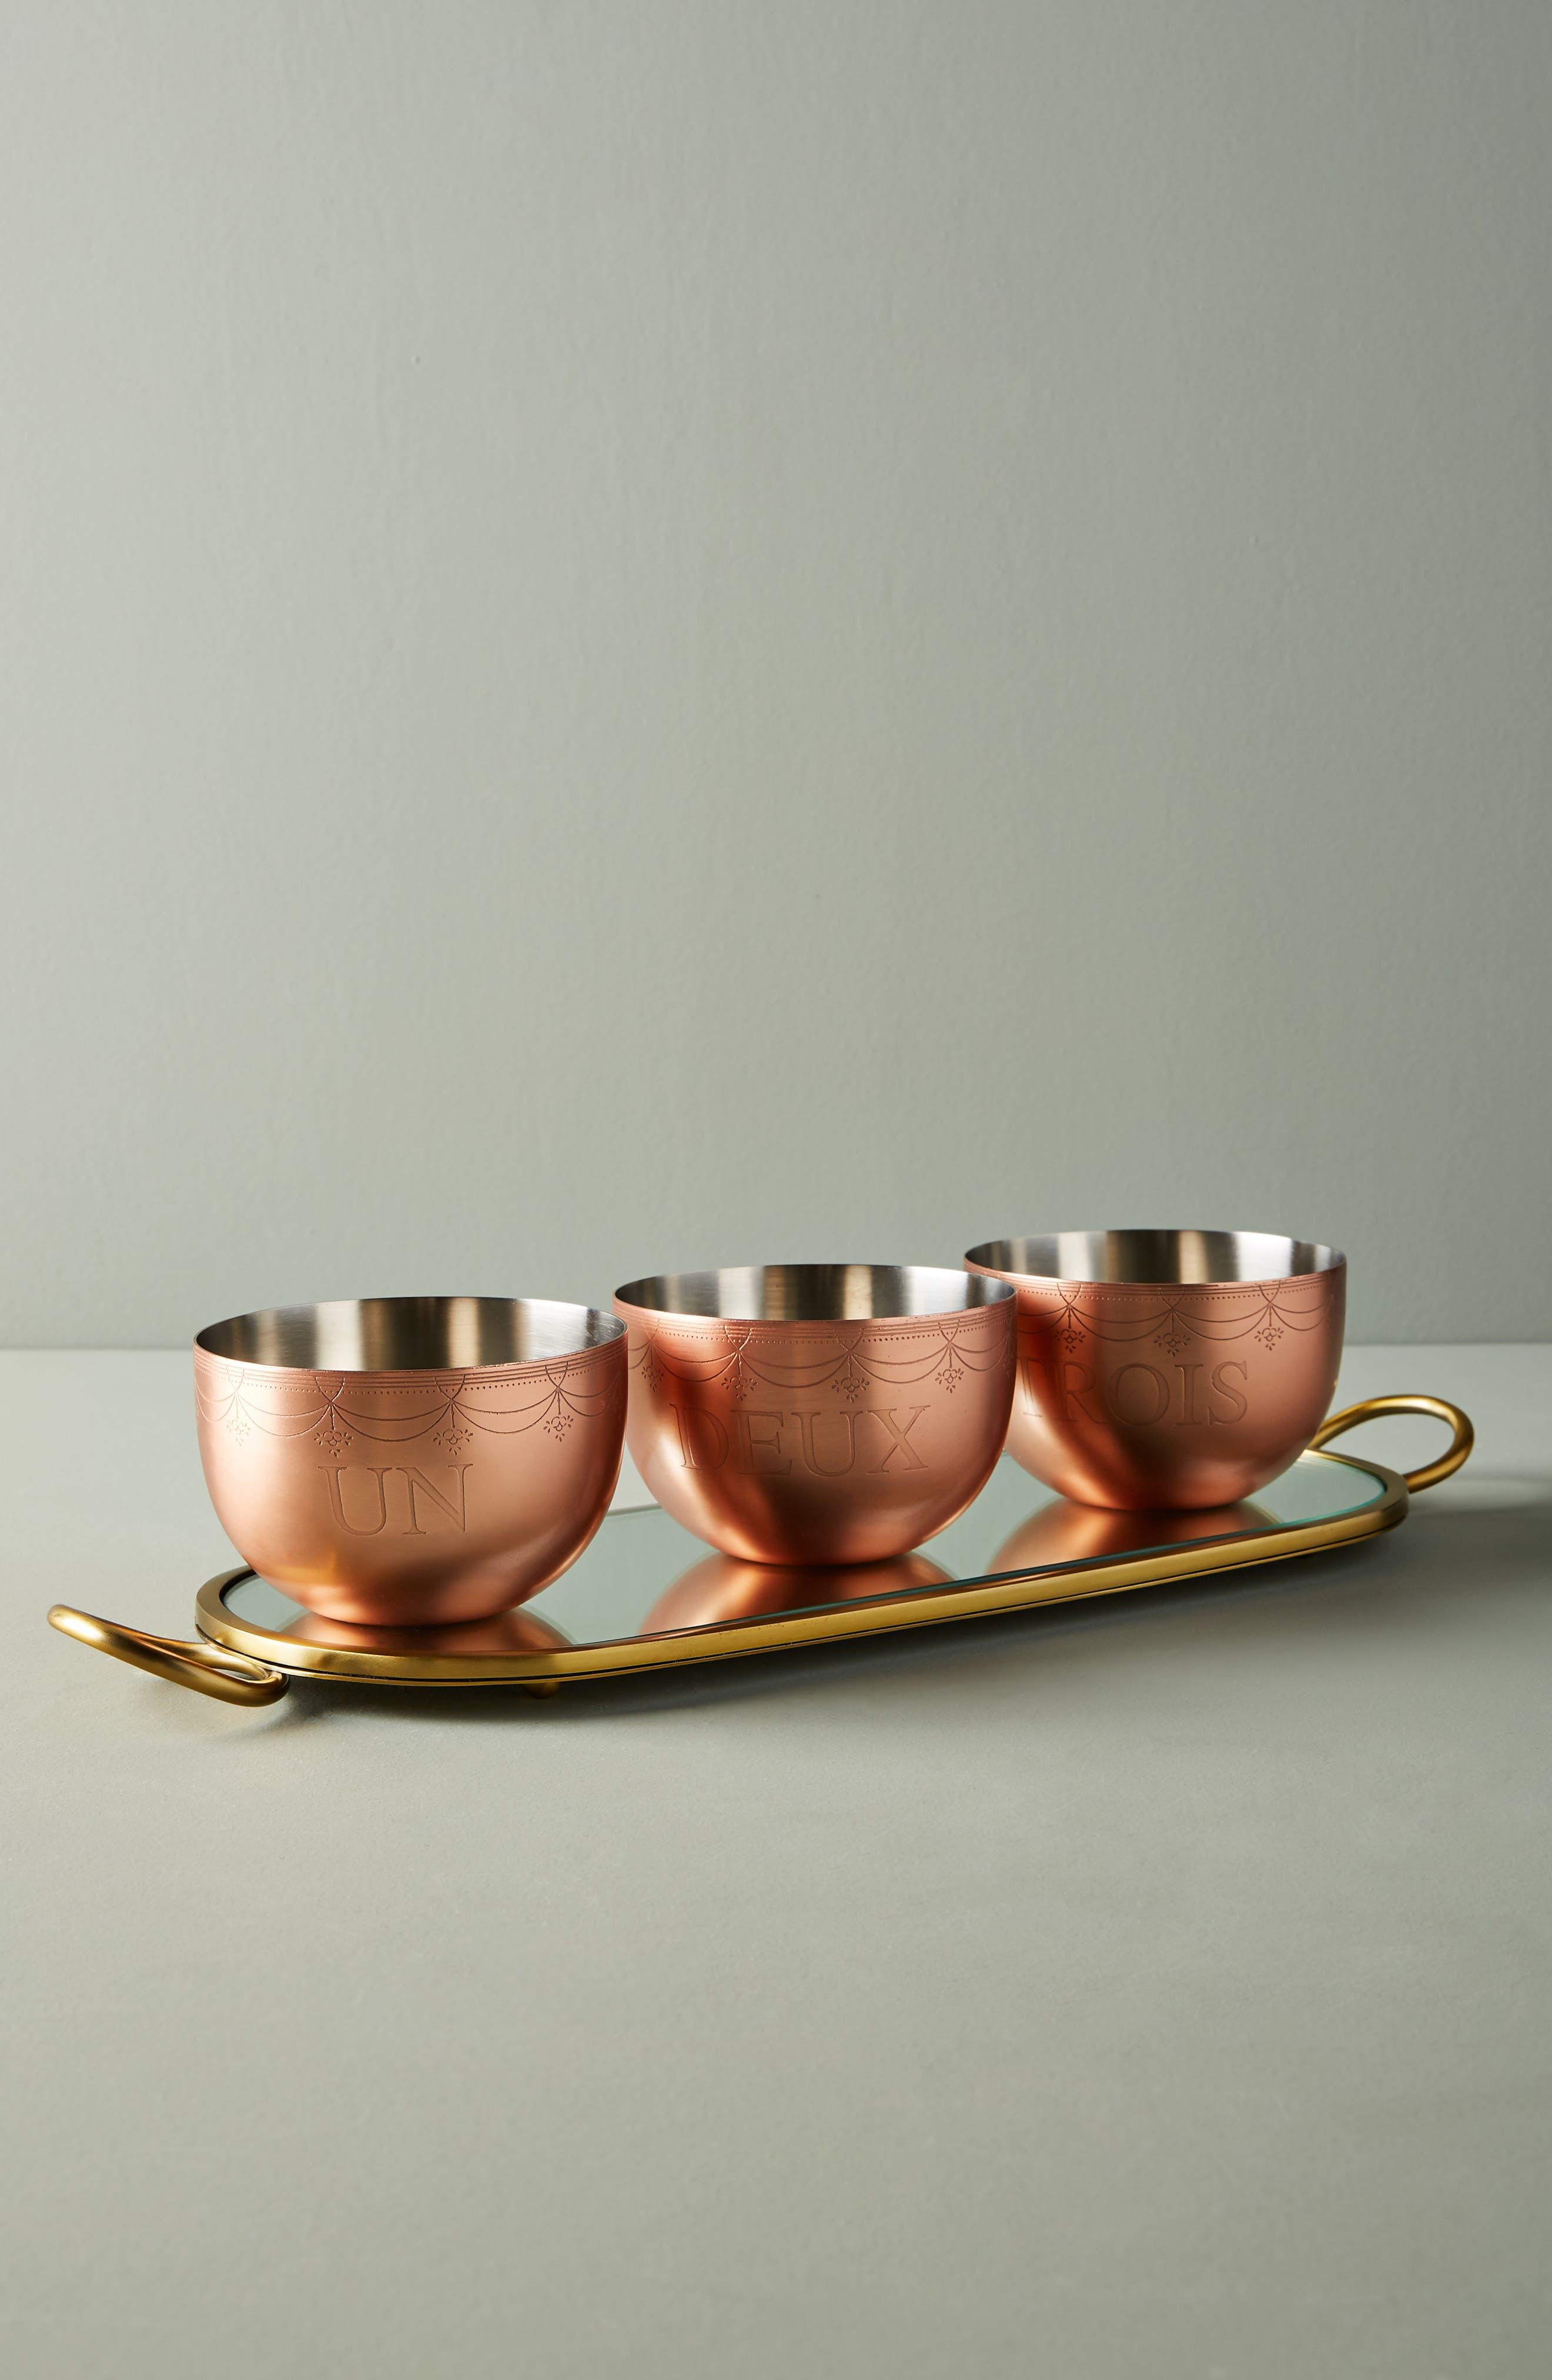 Lanna Tray & Bowl Set,                             Main thumbnail 1, color,                             ROSE GOLD